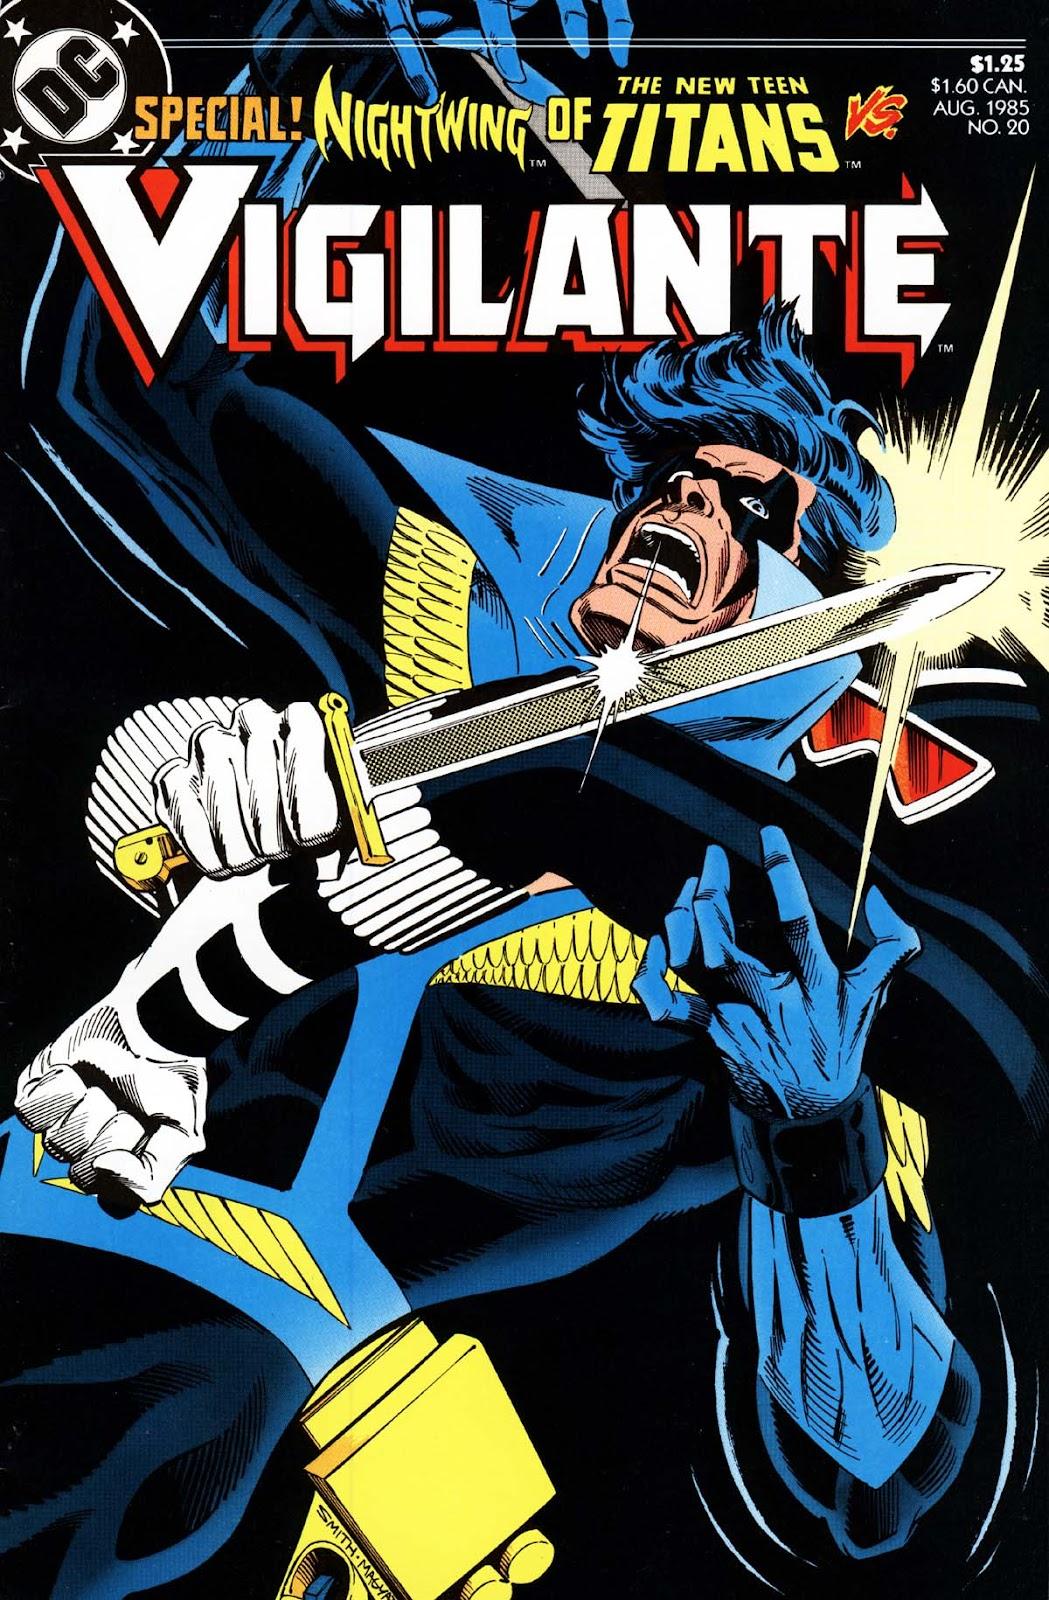 Vigilante (1983) issue 20 - Page 1